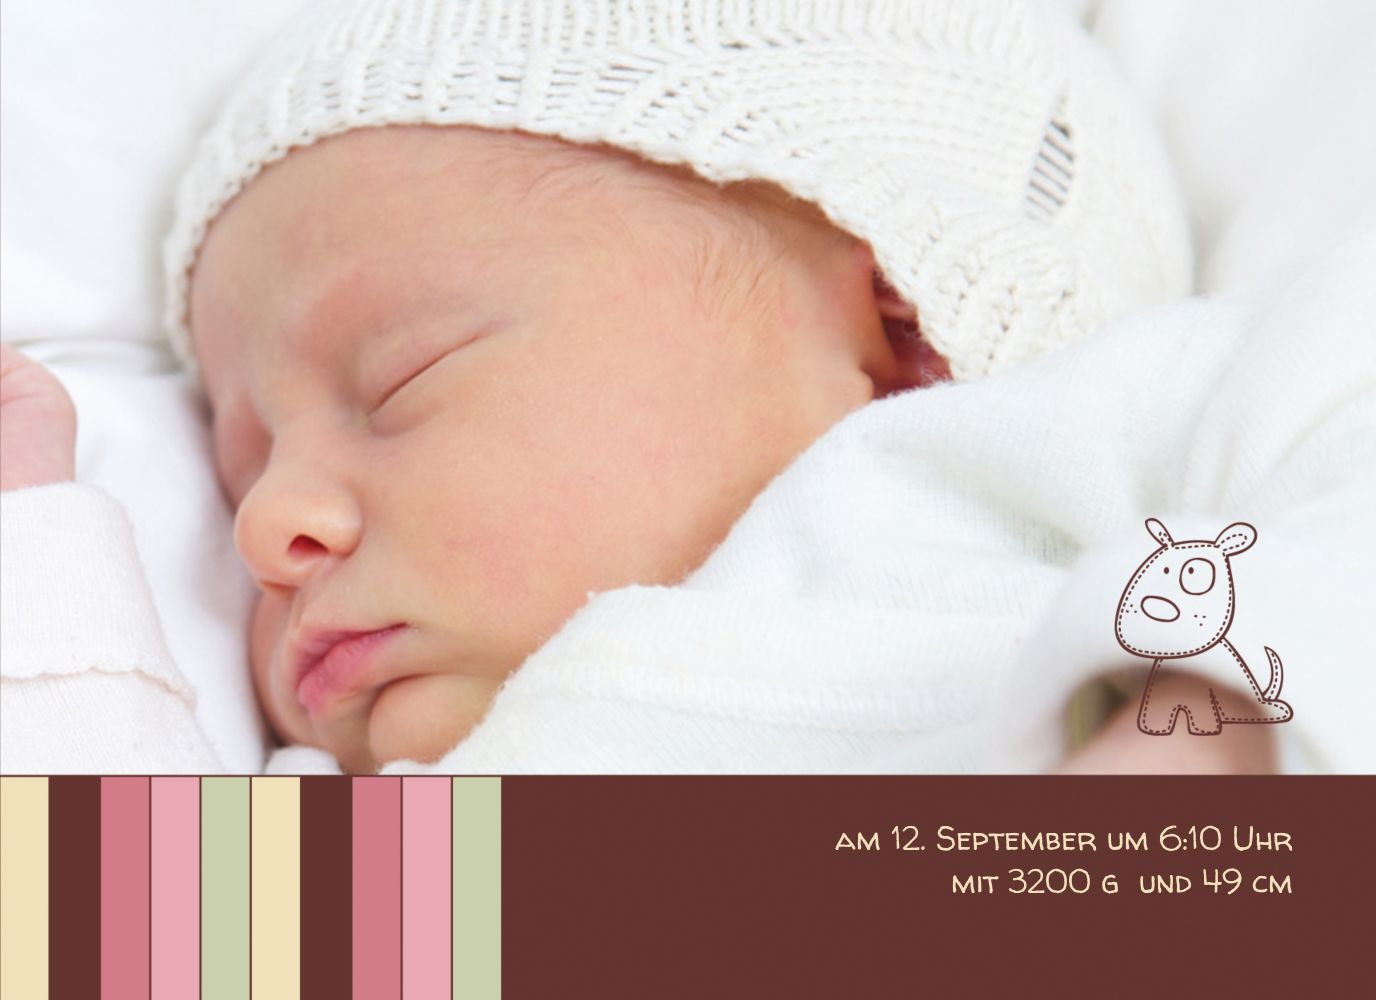 Ansicht 7 - Babykarte Zwillinge Retro